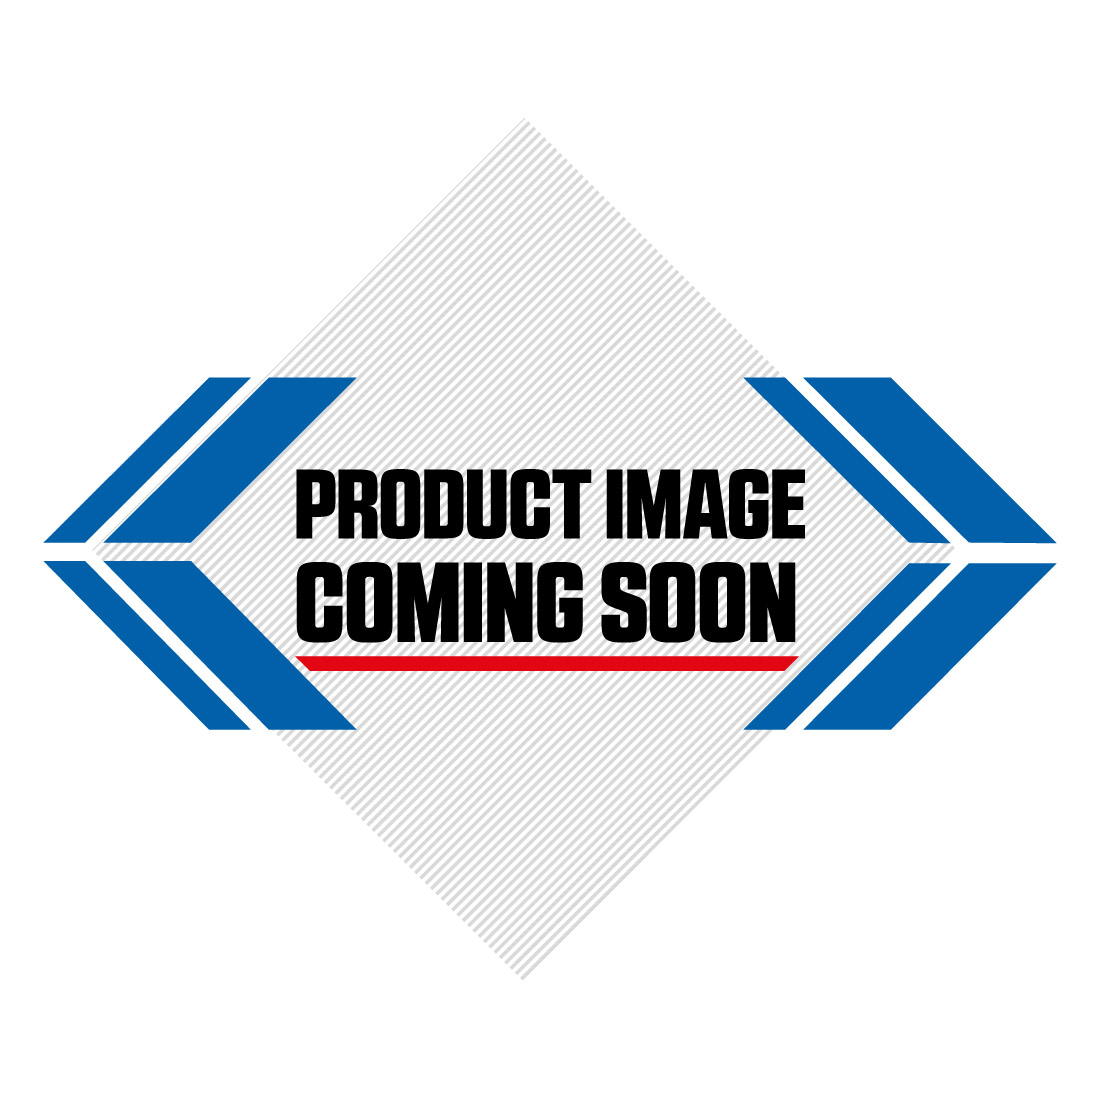 UFO Honda Plastic Kit CRF 110F (19-21) OEM Factory Image-2>